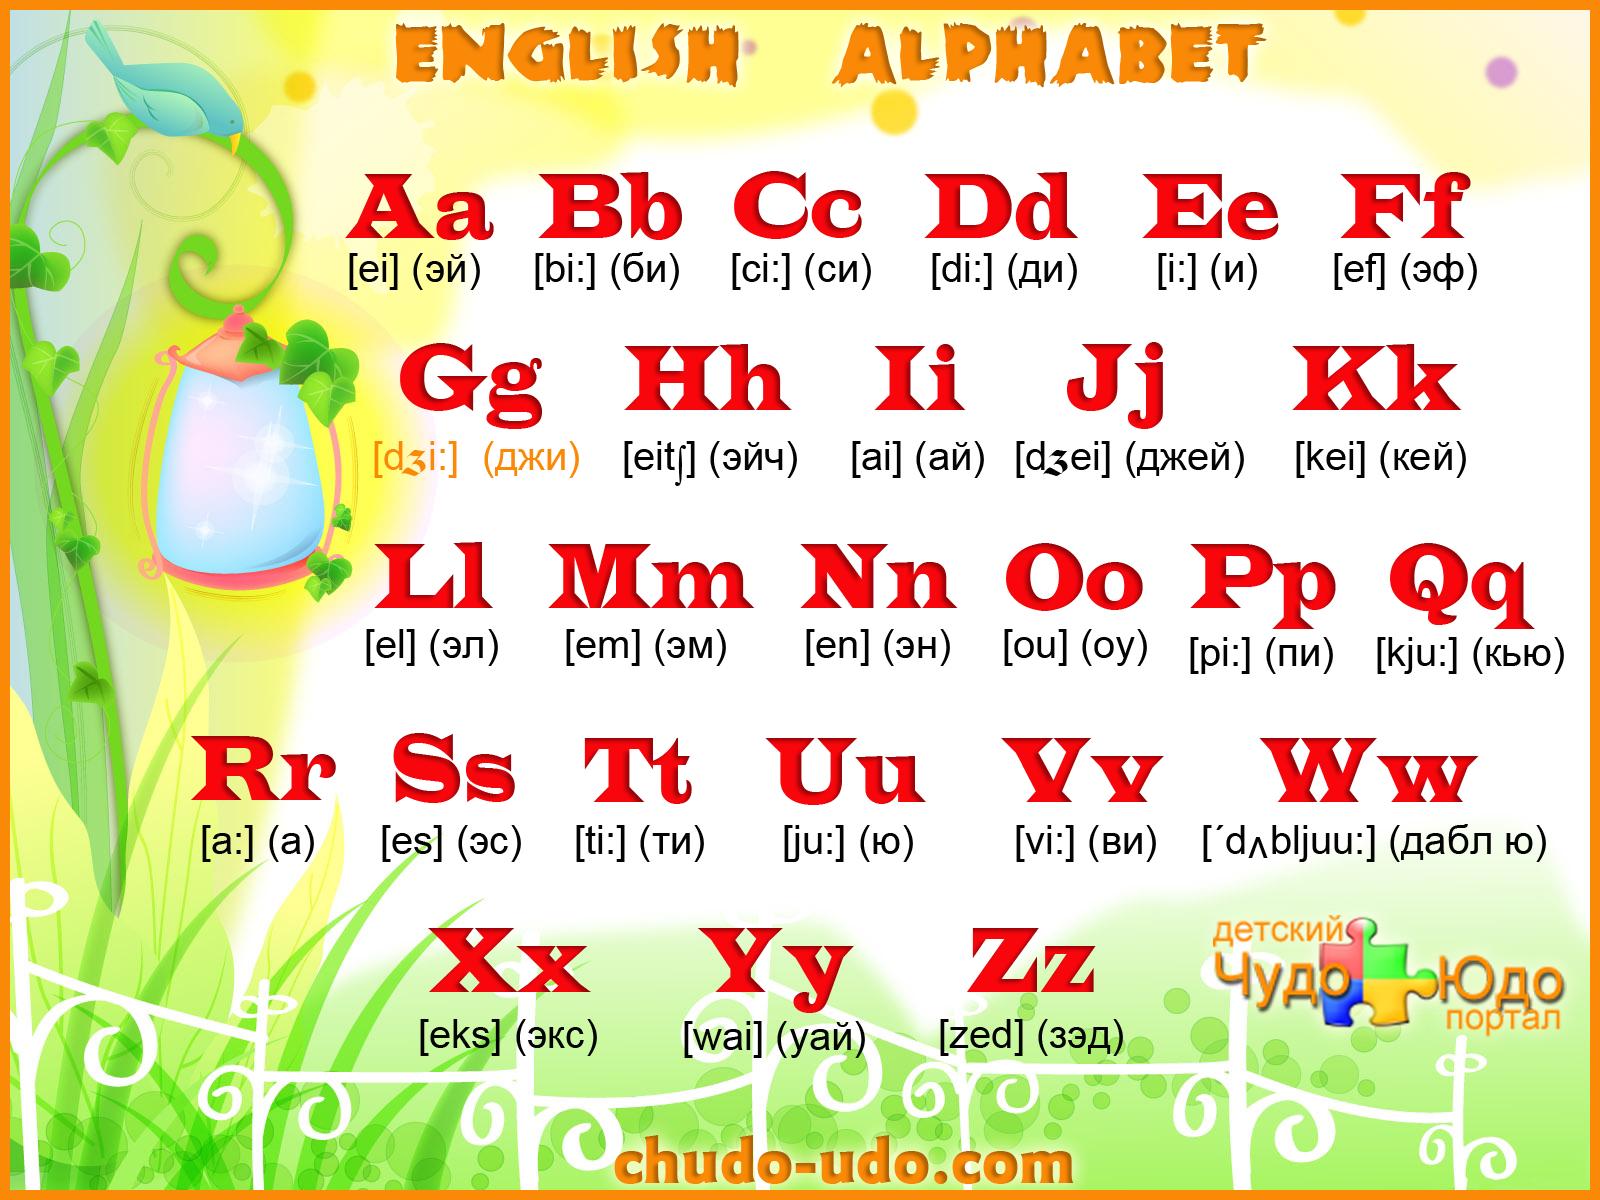 картинки английский алфавит с переводом на русский себе дом